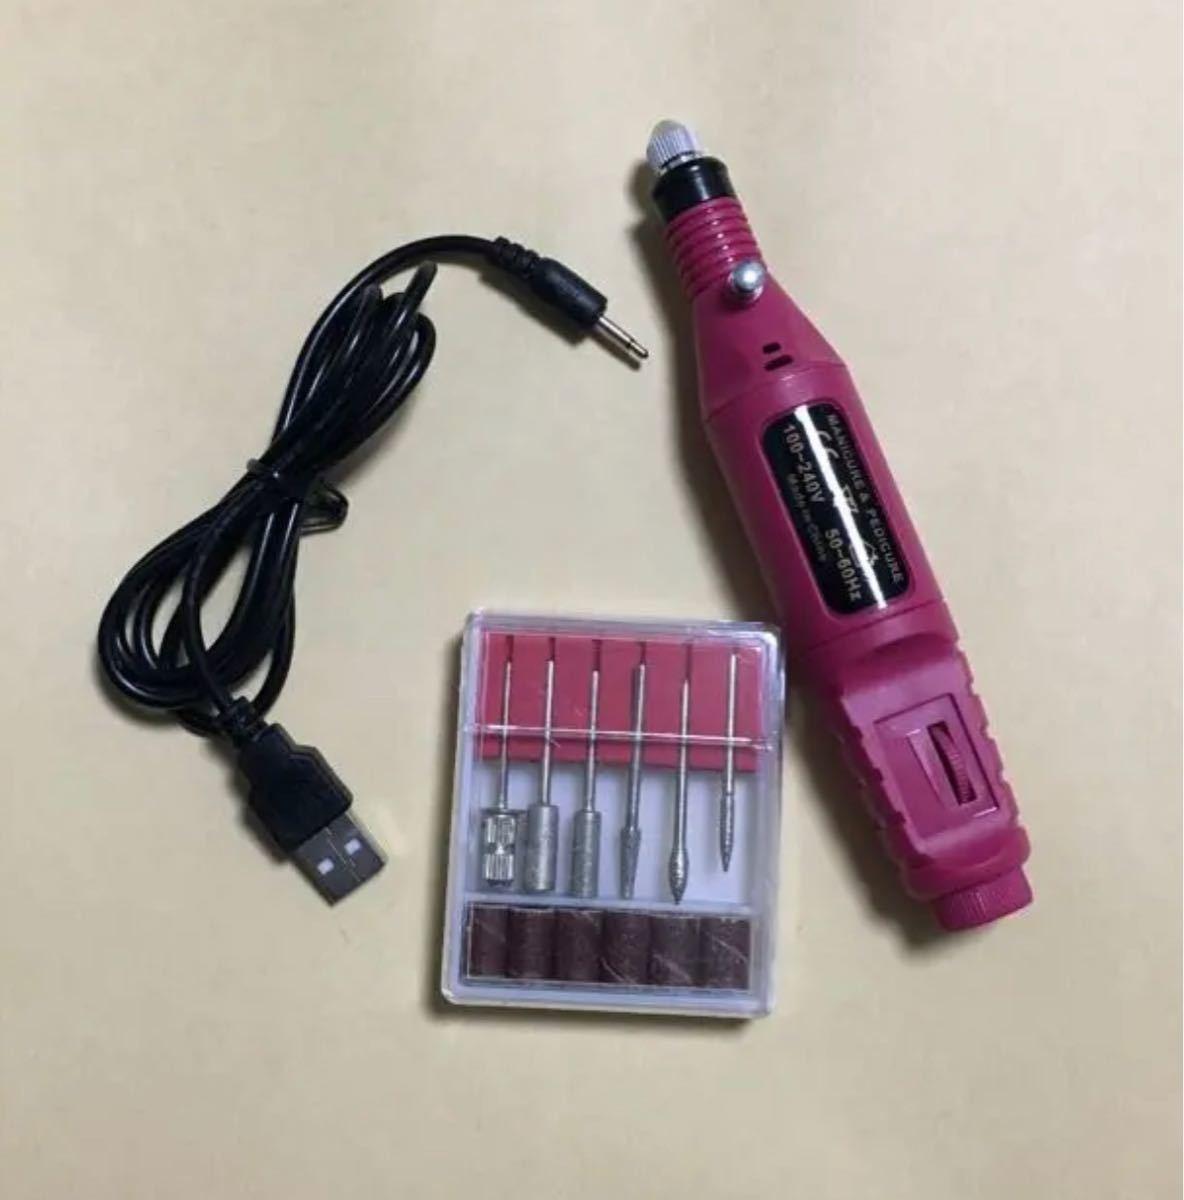 期間限定セール スタートキット UV LEDライト ジェルネイルキットセット カラージェル